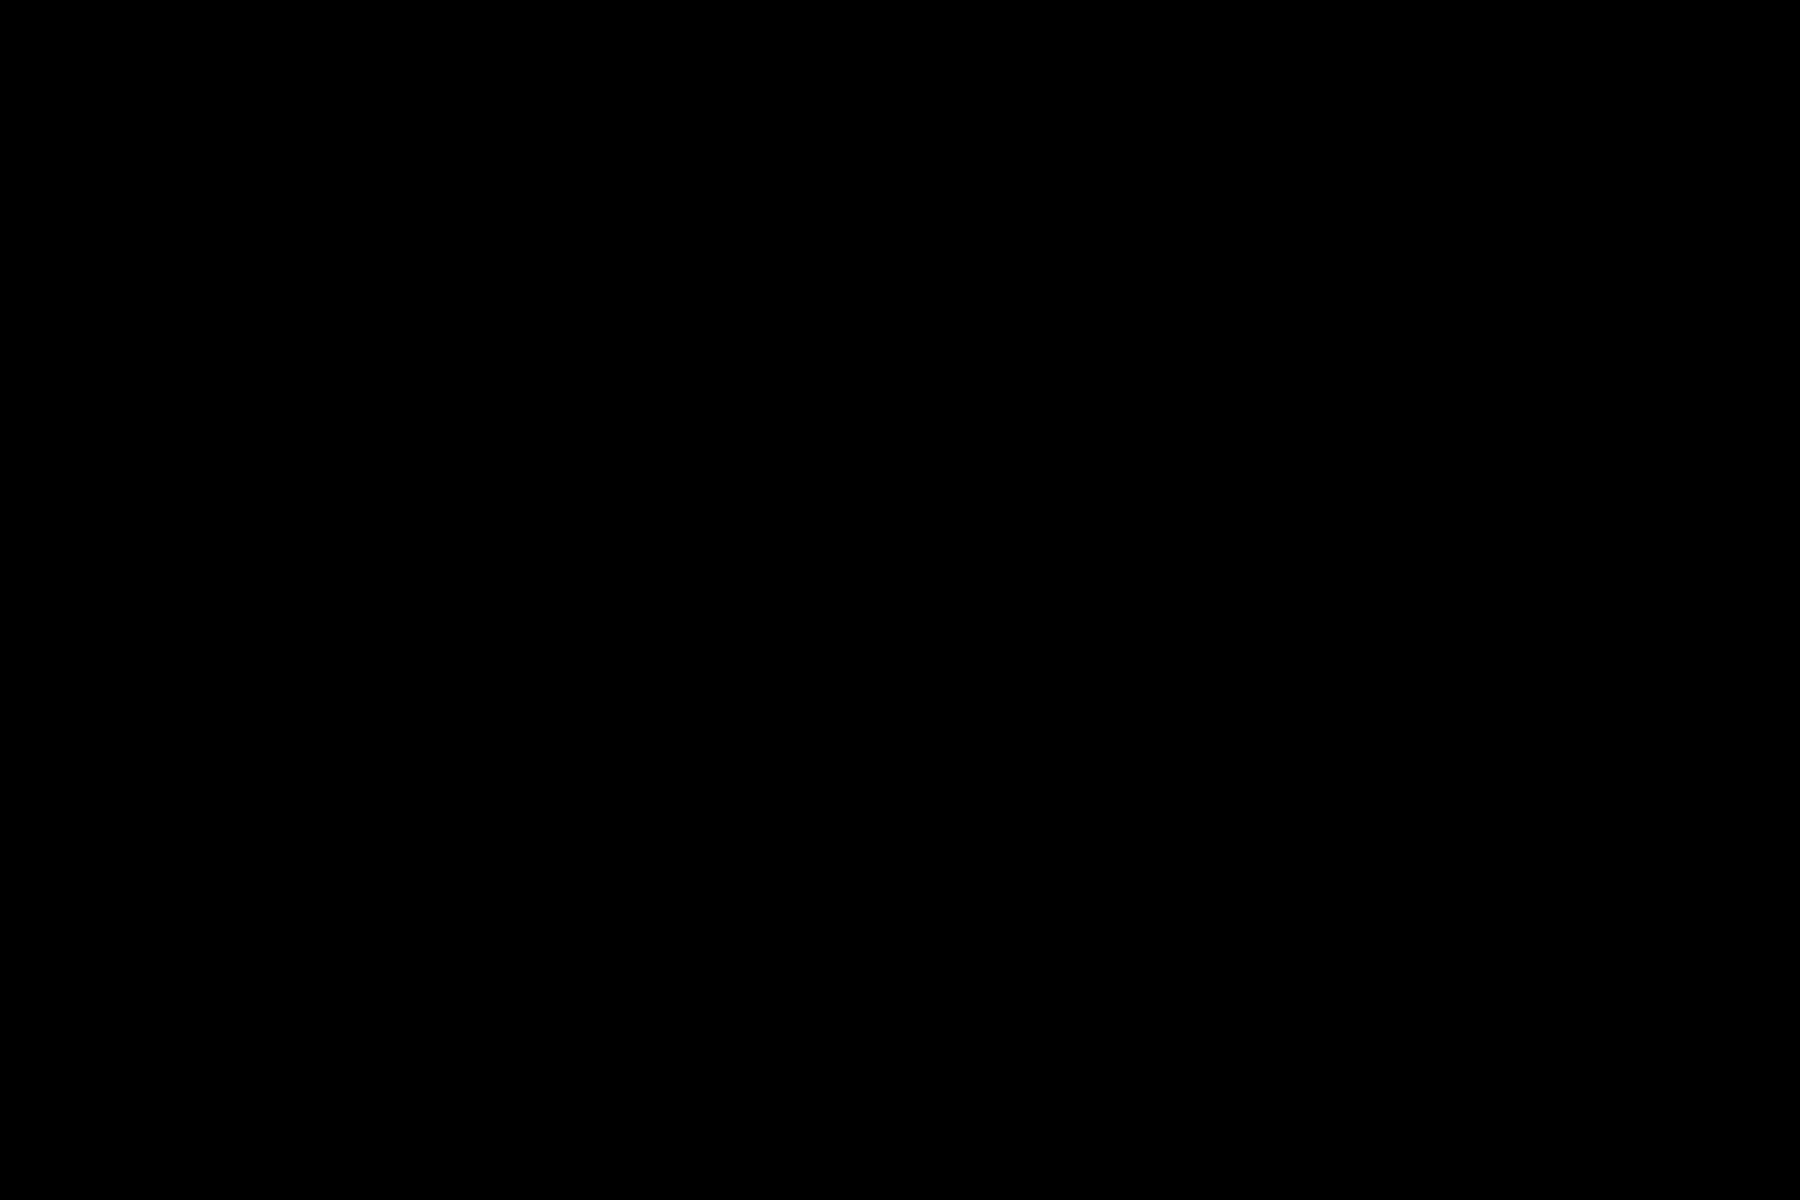 Taklampa Geometri Svart